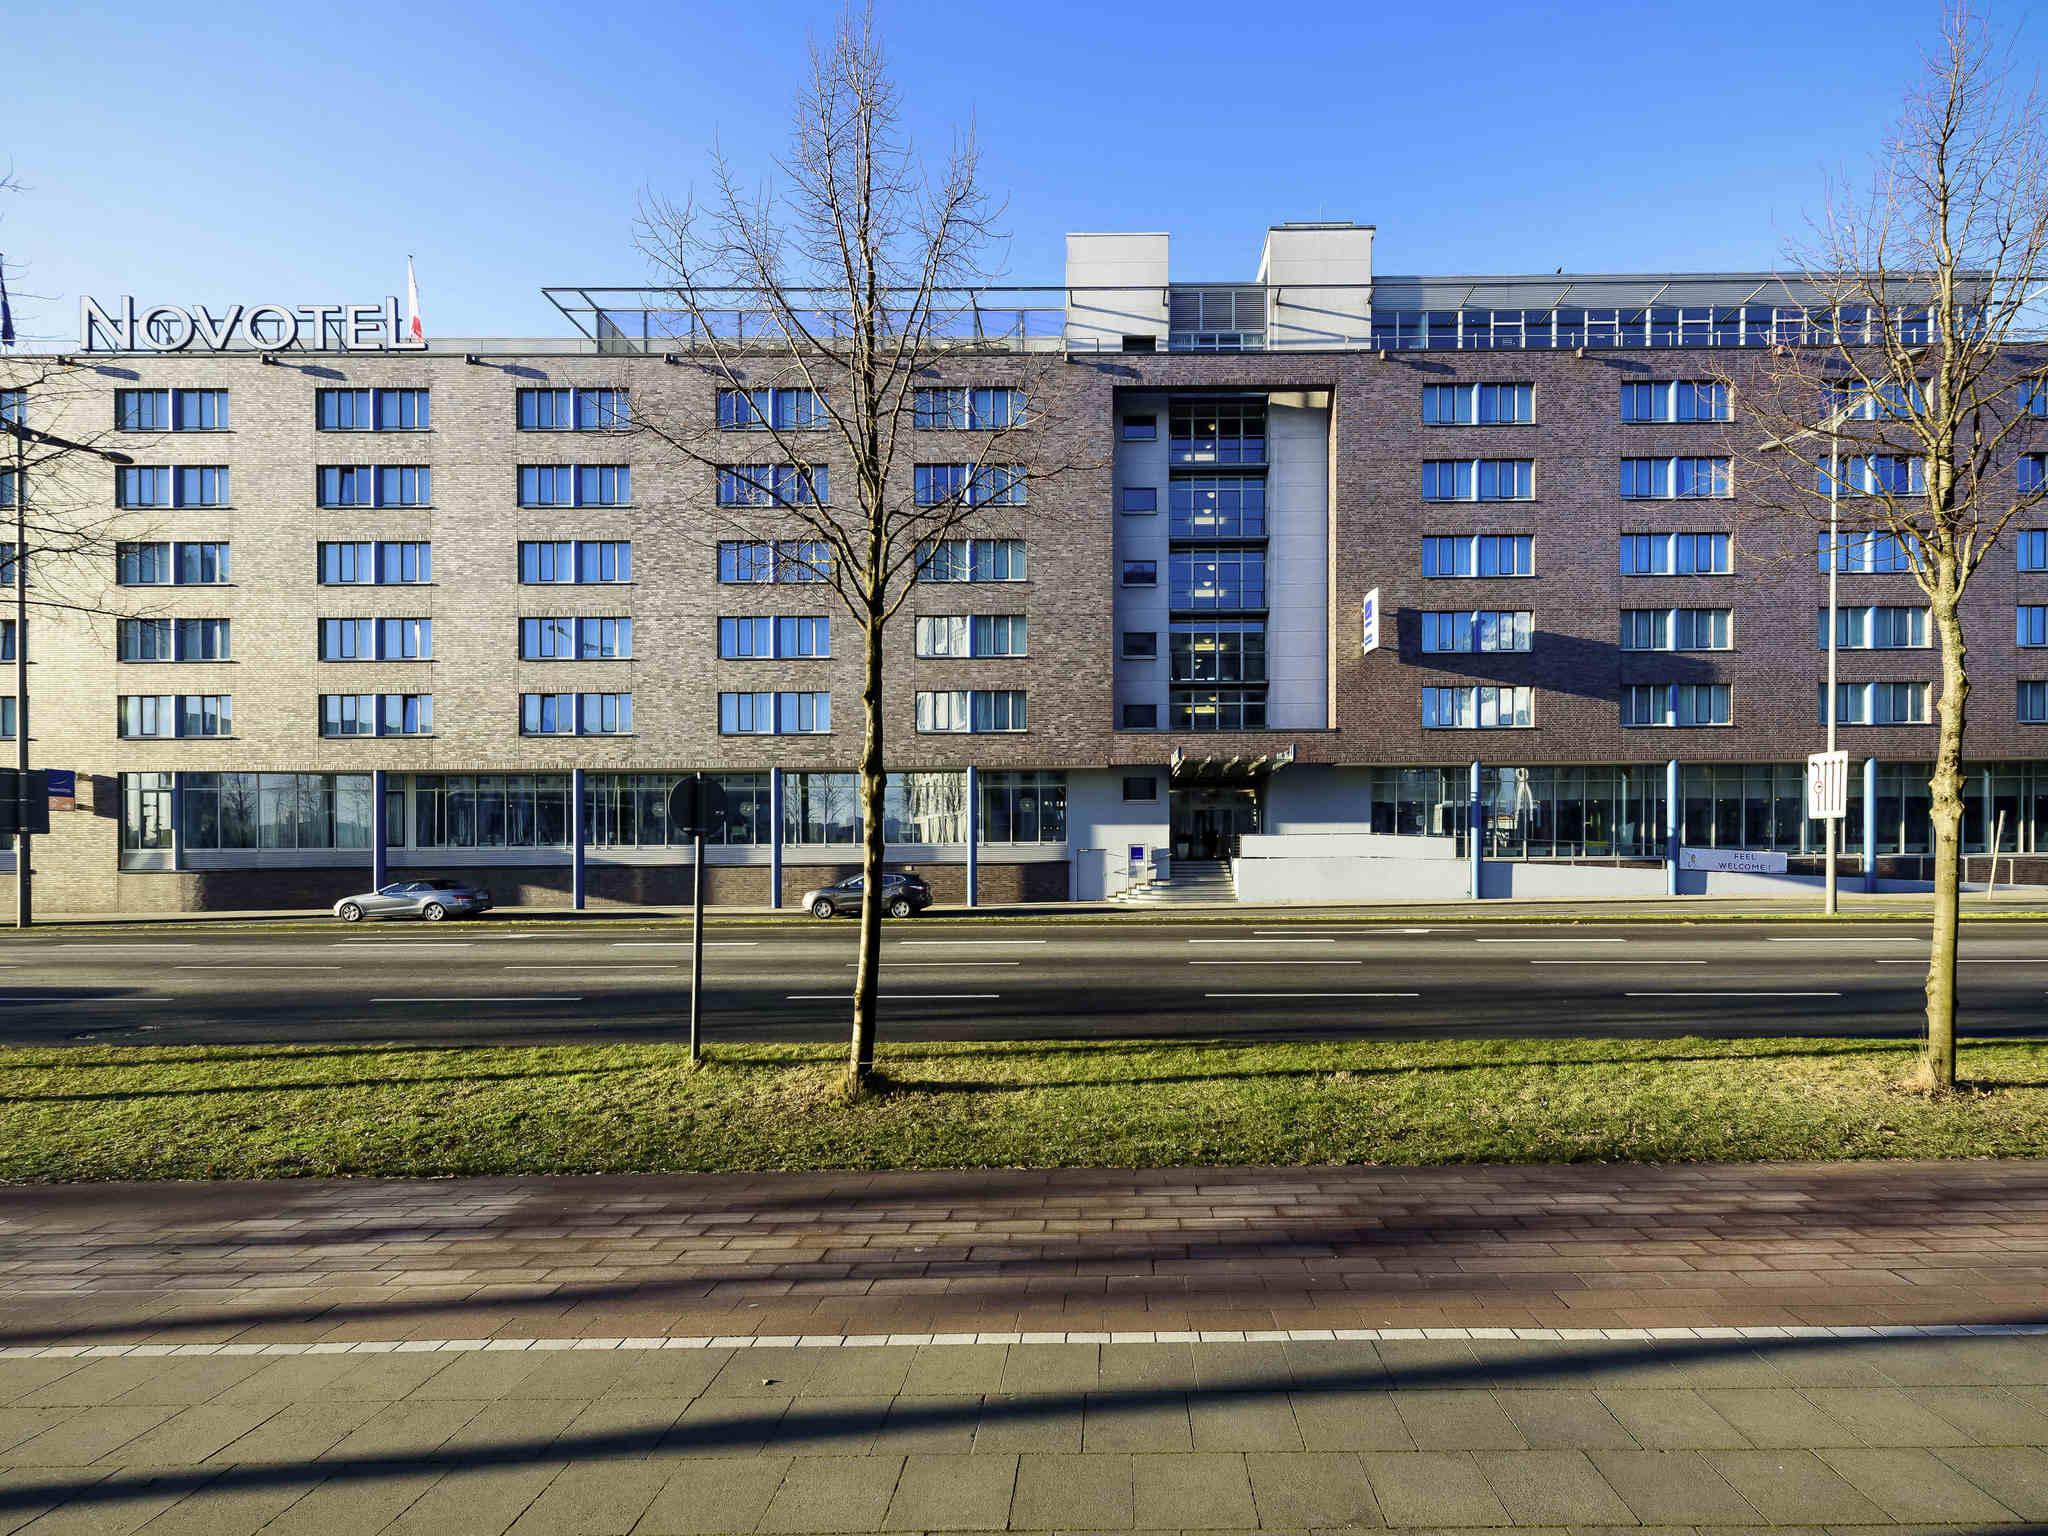 فندق - نوفوتيل Novotel كولن سيتي